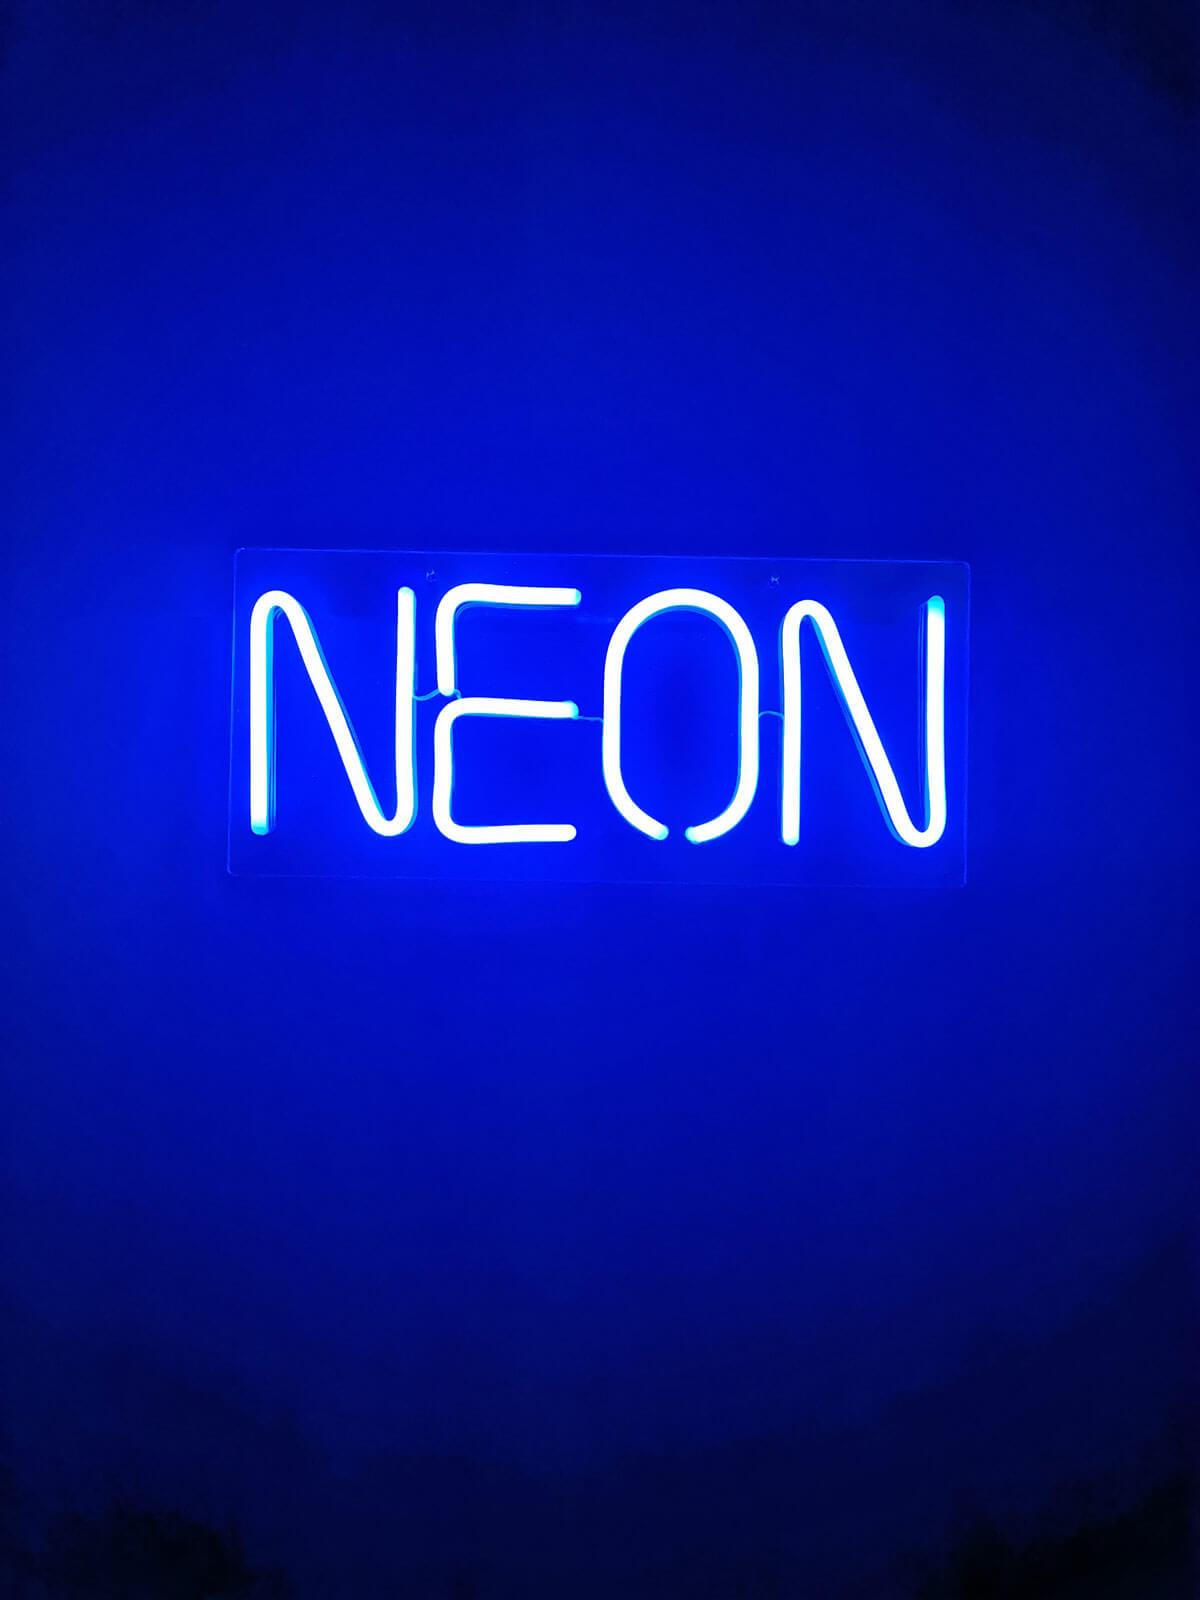 NEON Leuchtbuchstaben